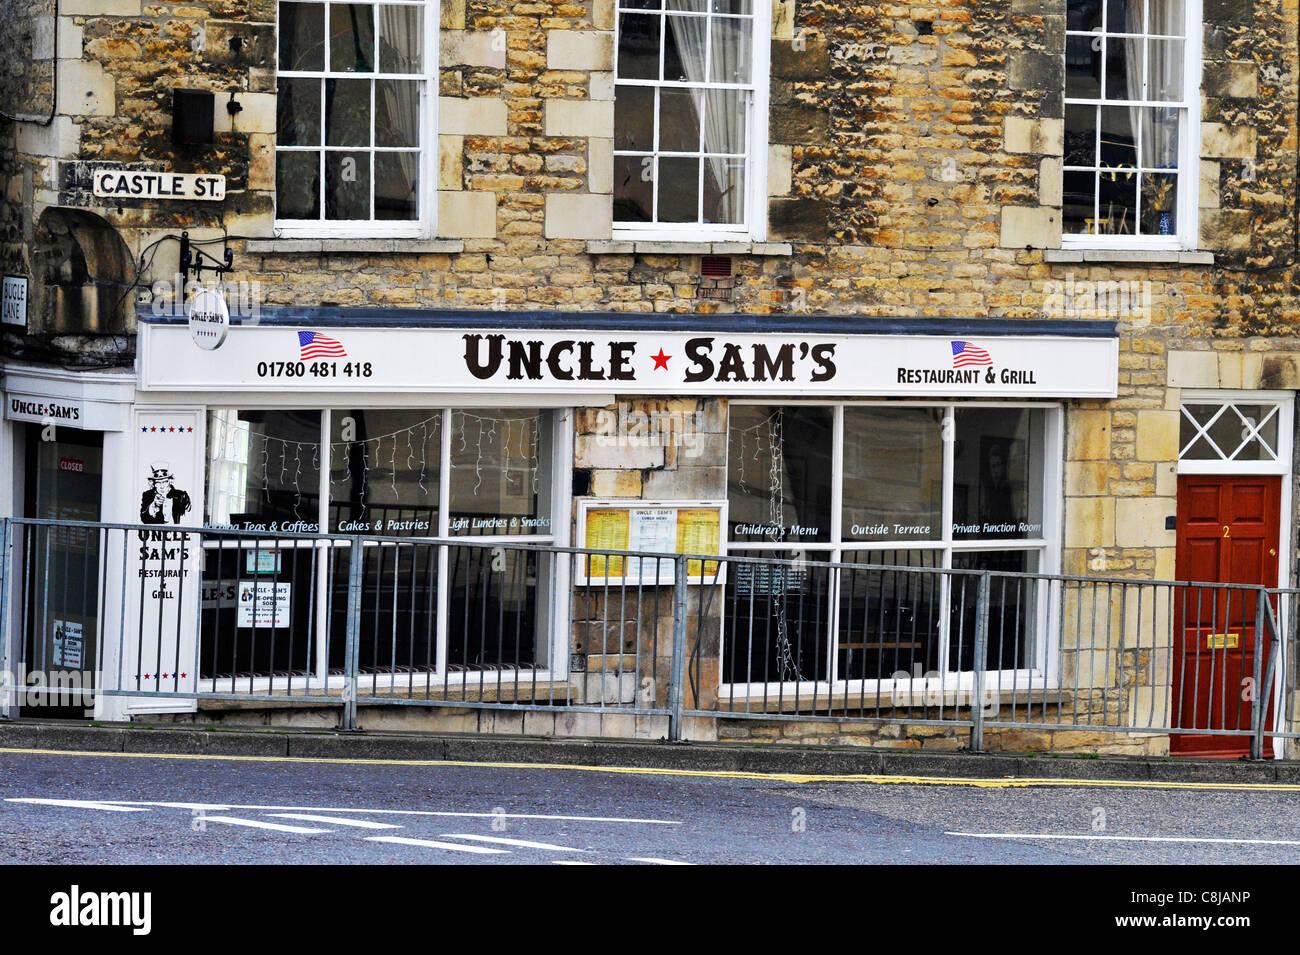 Los tíos sams restaurante y asador en Stamford, Inglaterra. Imagen De Stock